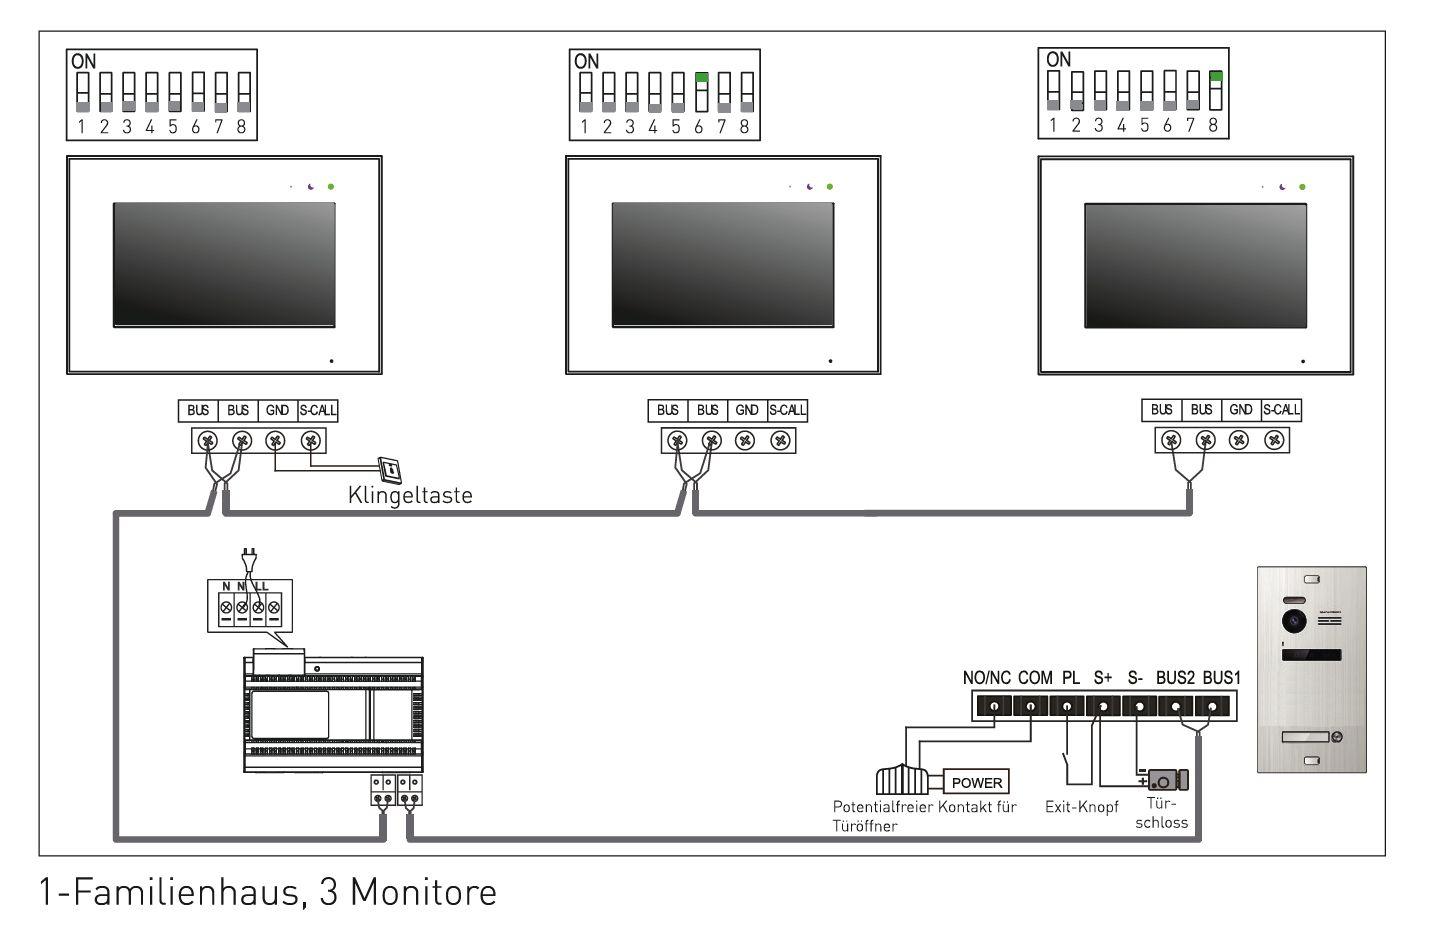 Anschlussschema 1 Taste, 3 Monitore